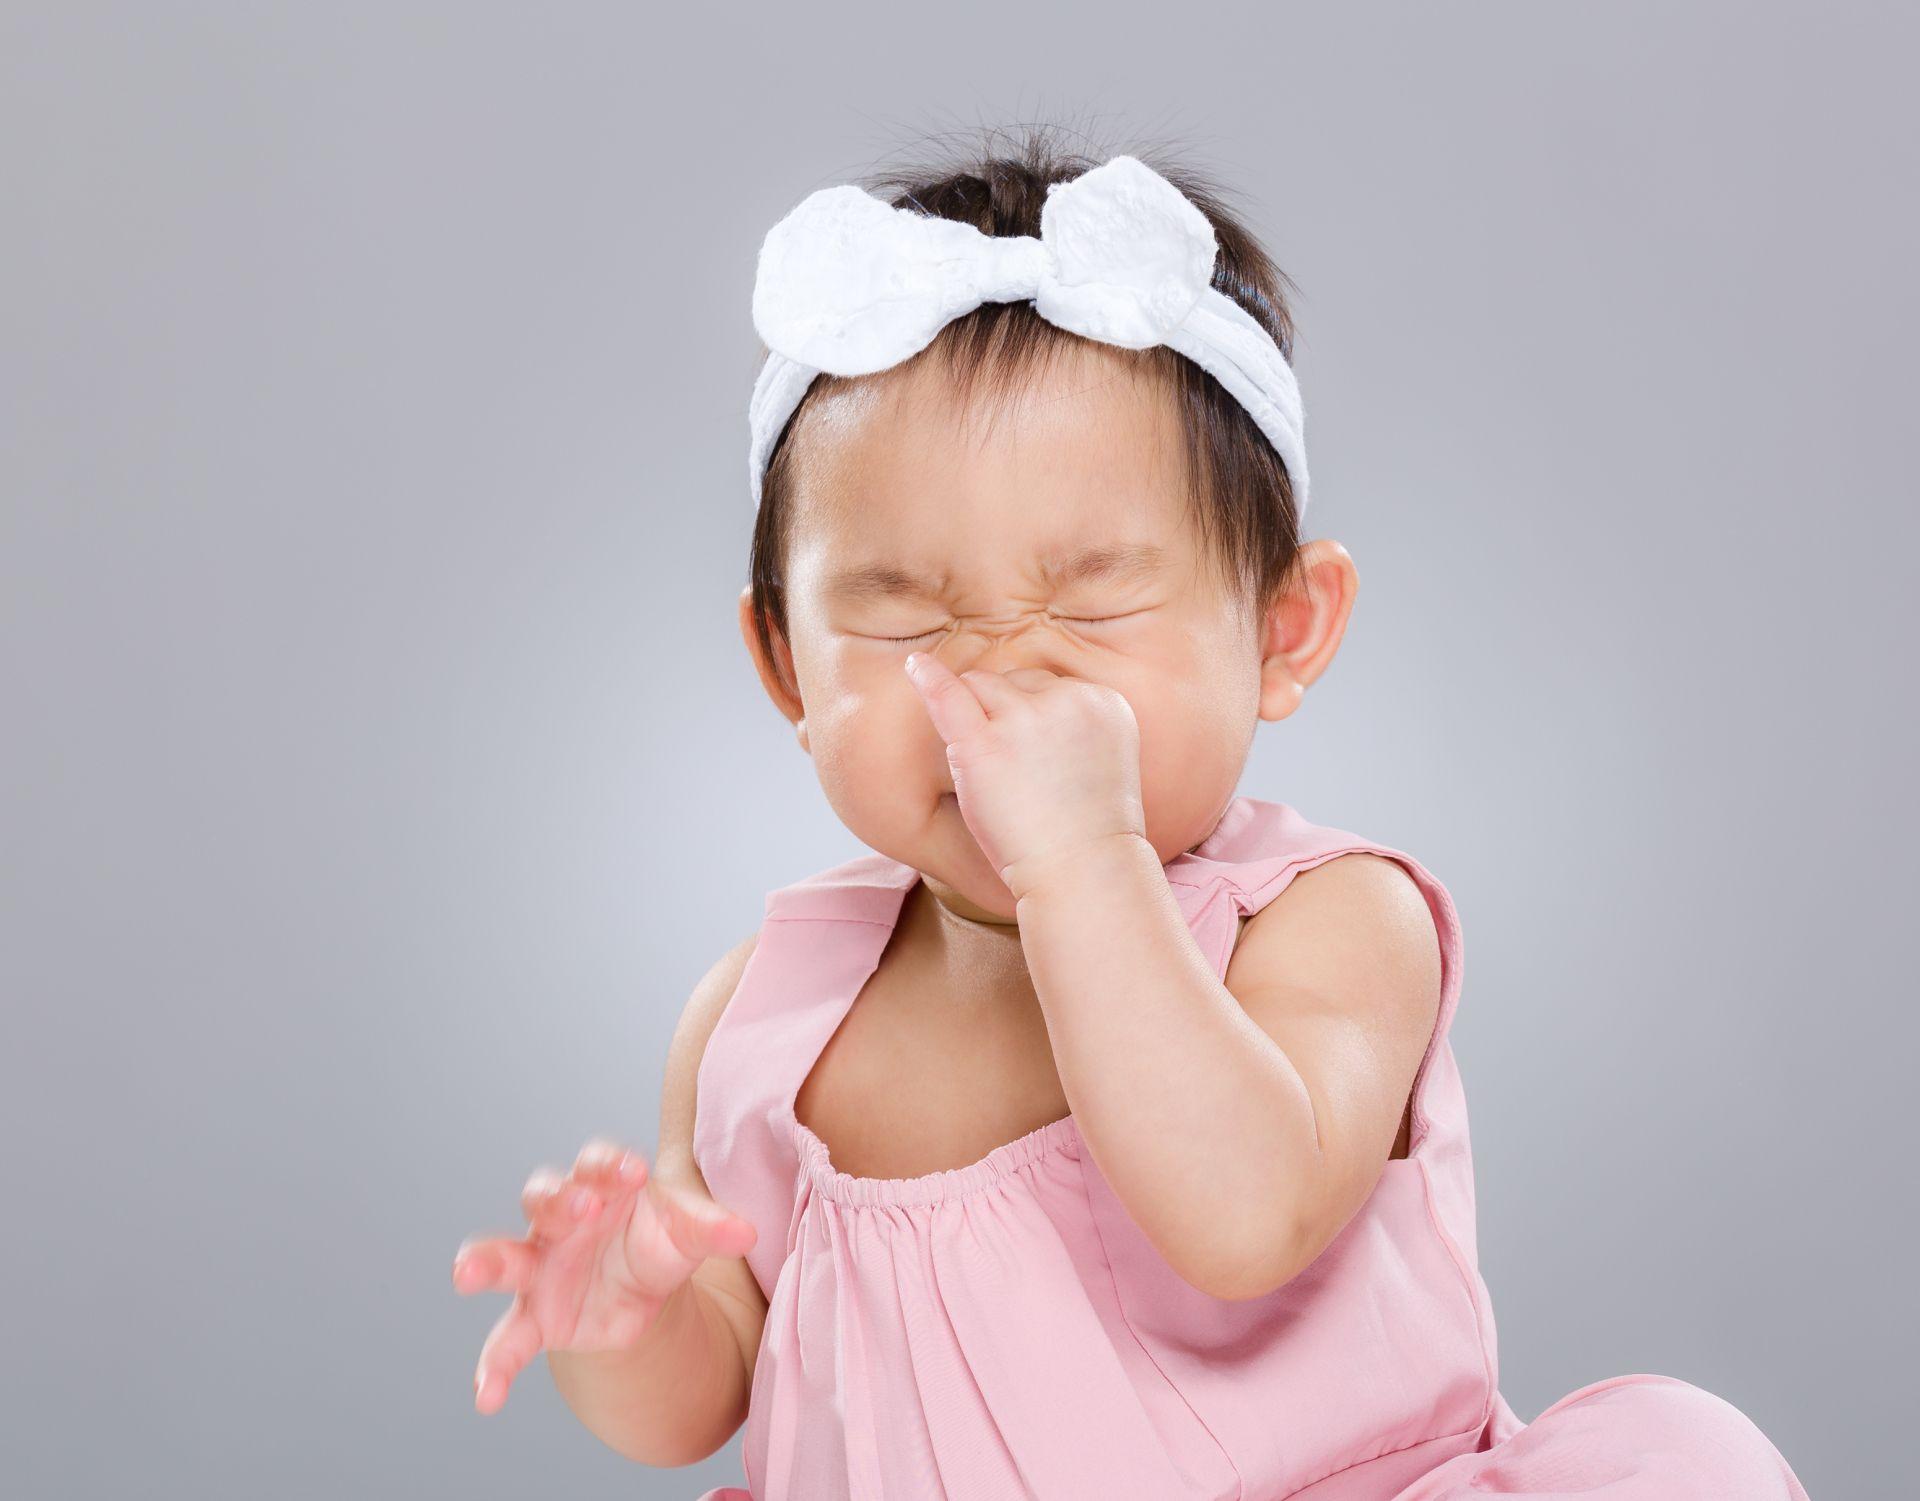 Työperäiset allergiat